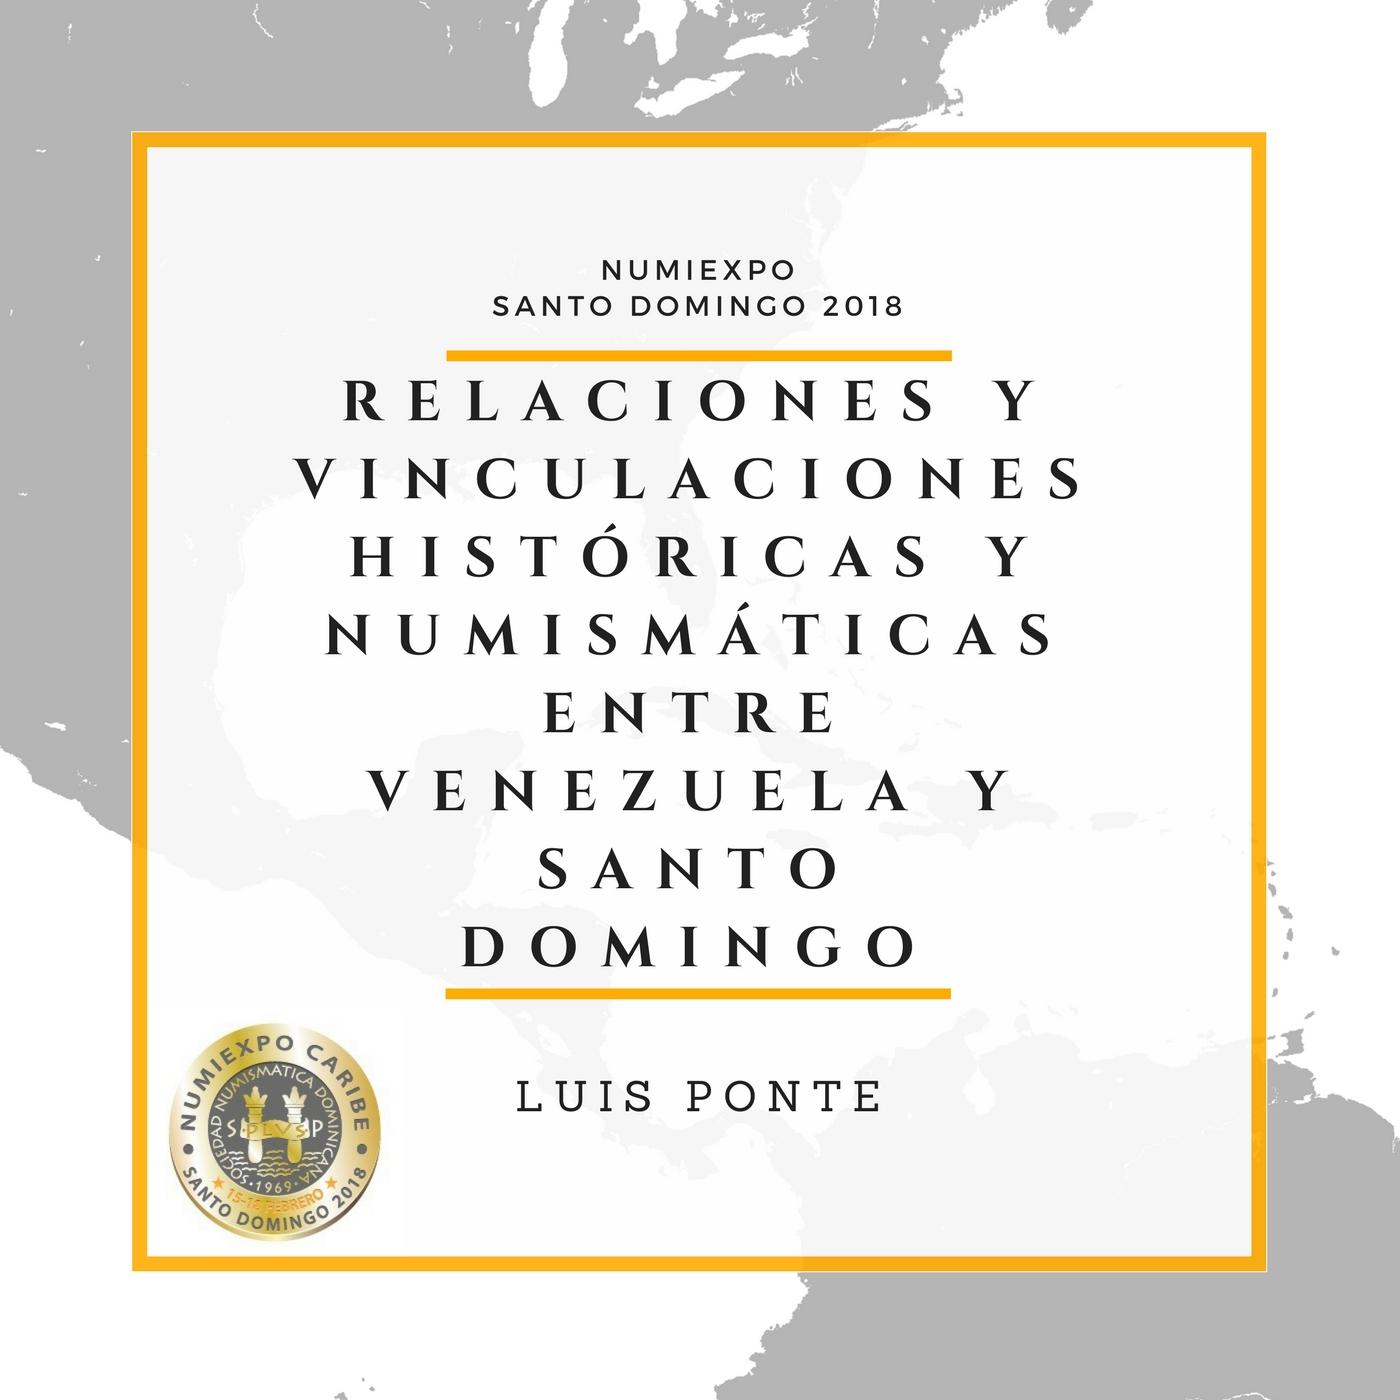 RELACIONES Y VINCULACIONES HISTÓRICAS Y NUMISMÁTICAS ENTRE VENEZUELA Y SANTO DOMINGO